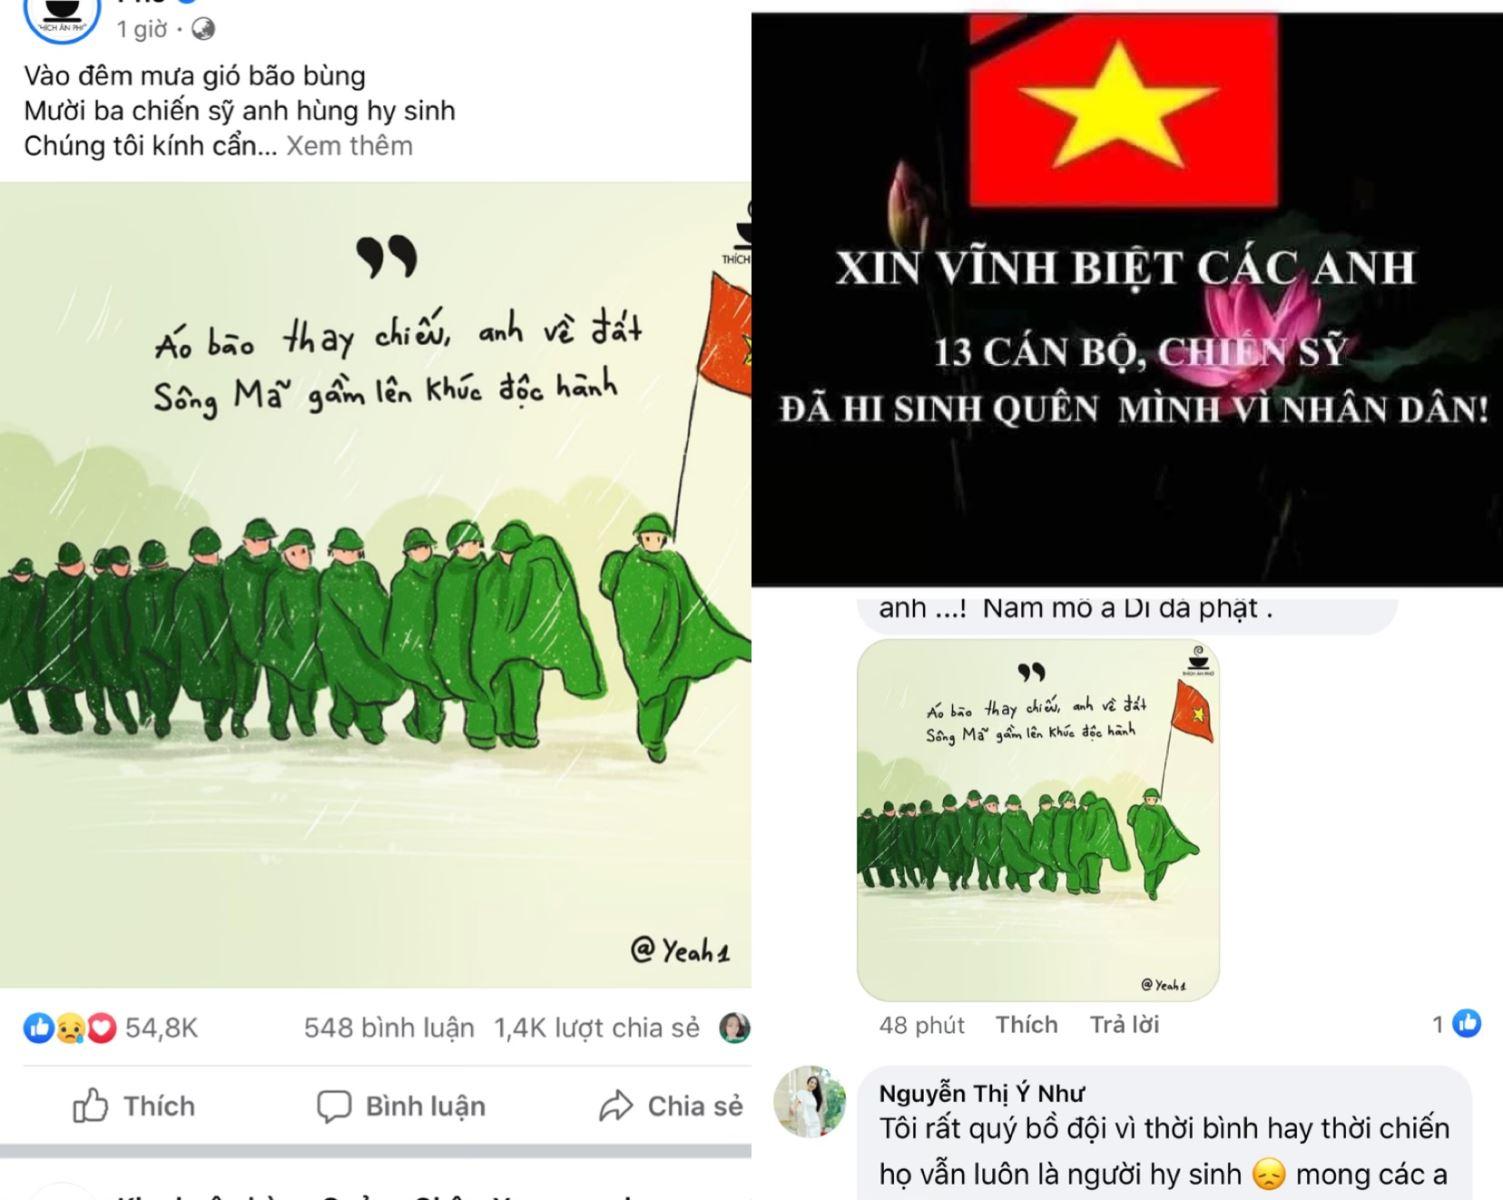 Hình ảnh được chia sẻ trên mạng xã hội để tưởng niệm 13 cán bộ, chiến sĩ hy sinh ở thủy điện Rào Trăng 3.